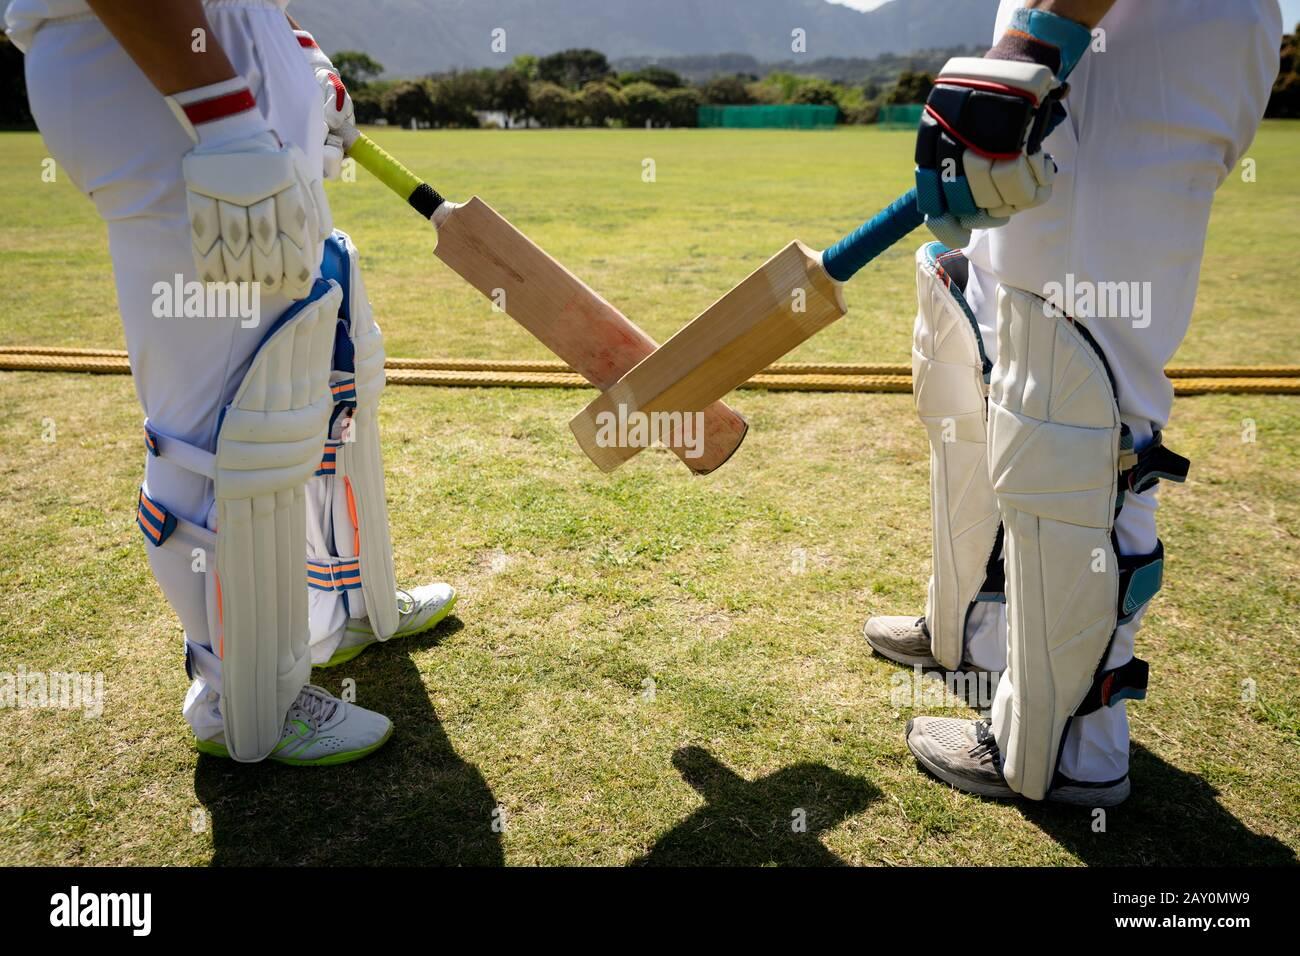 Les joueurs de cricket font face à face sur un terrain Banque D'Images